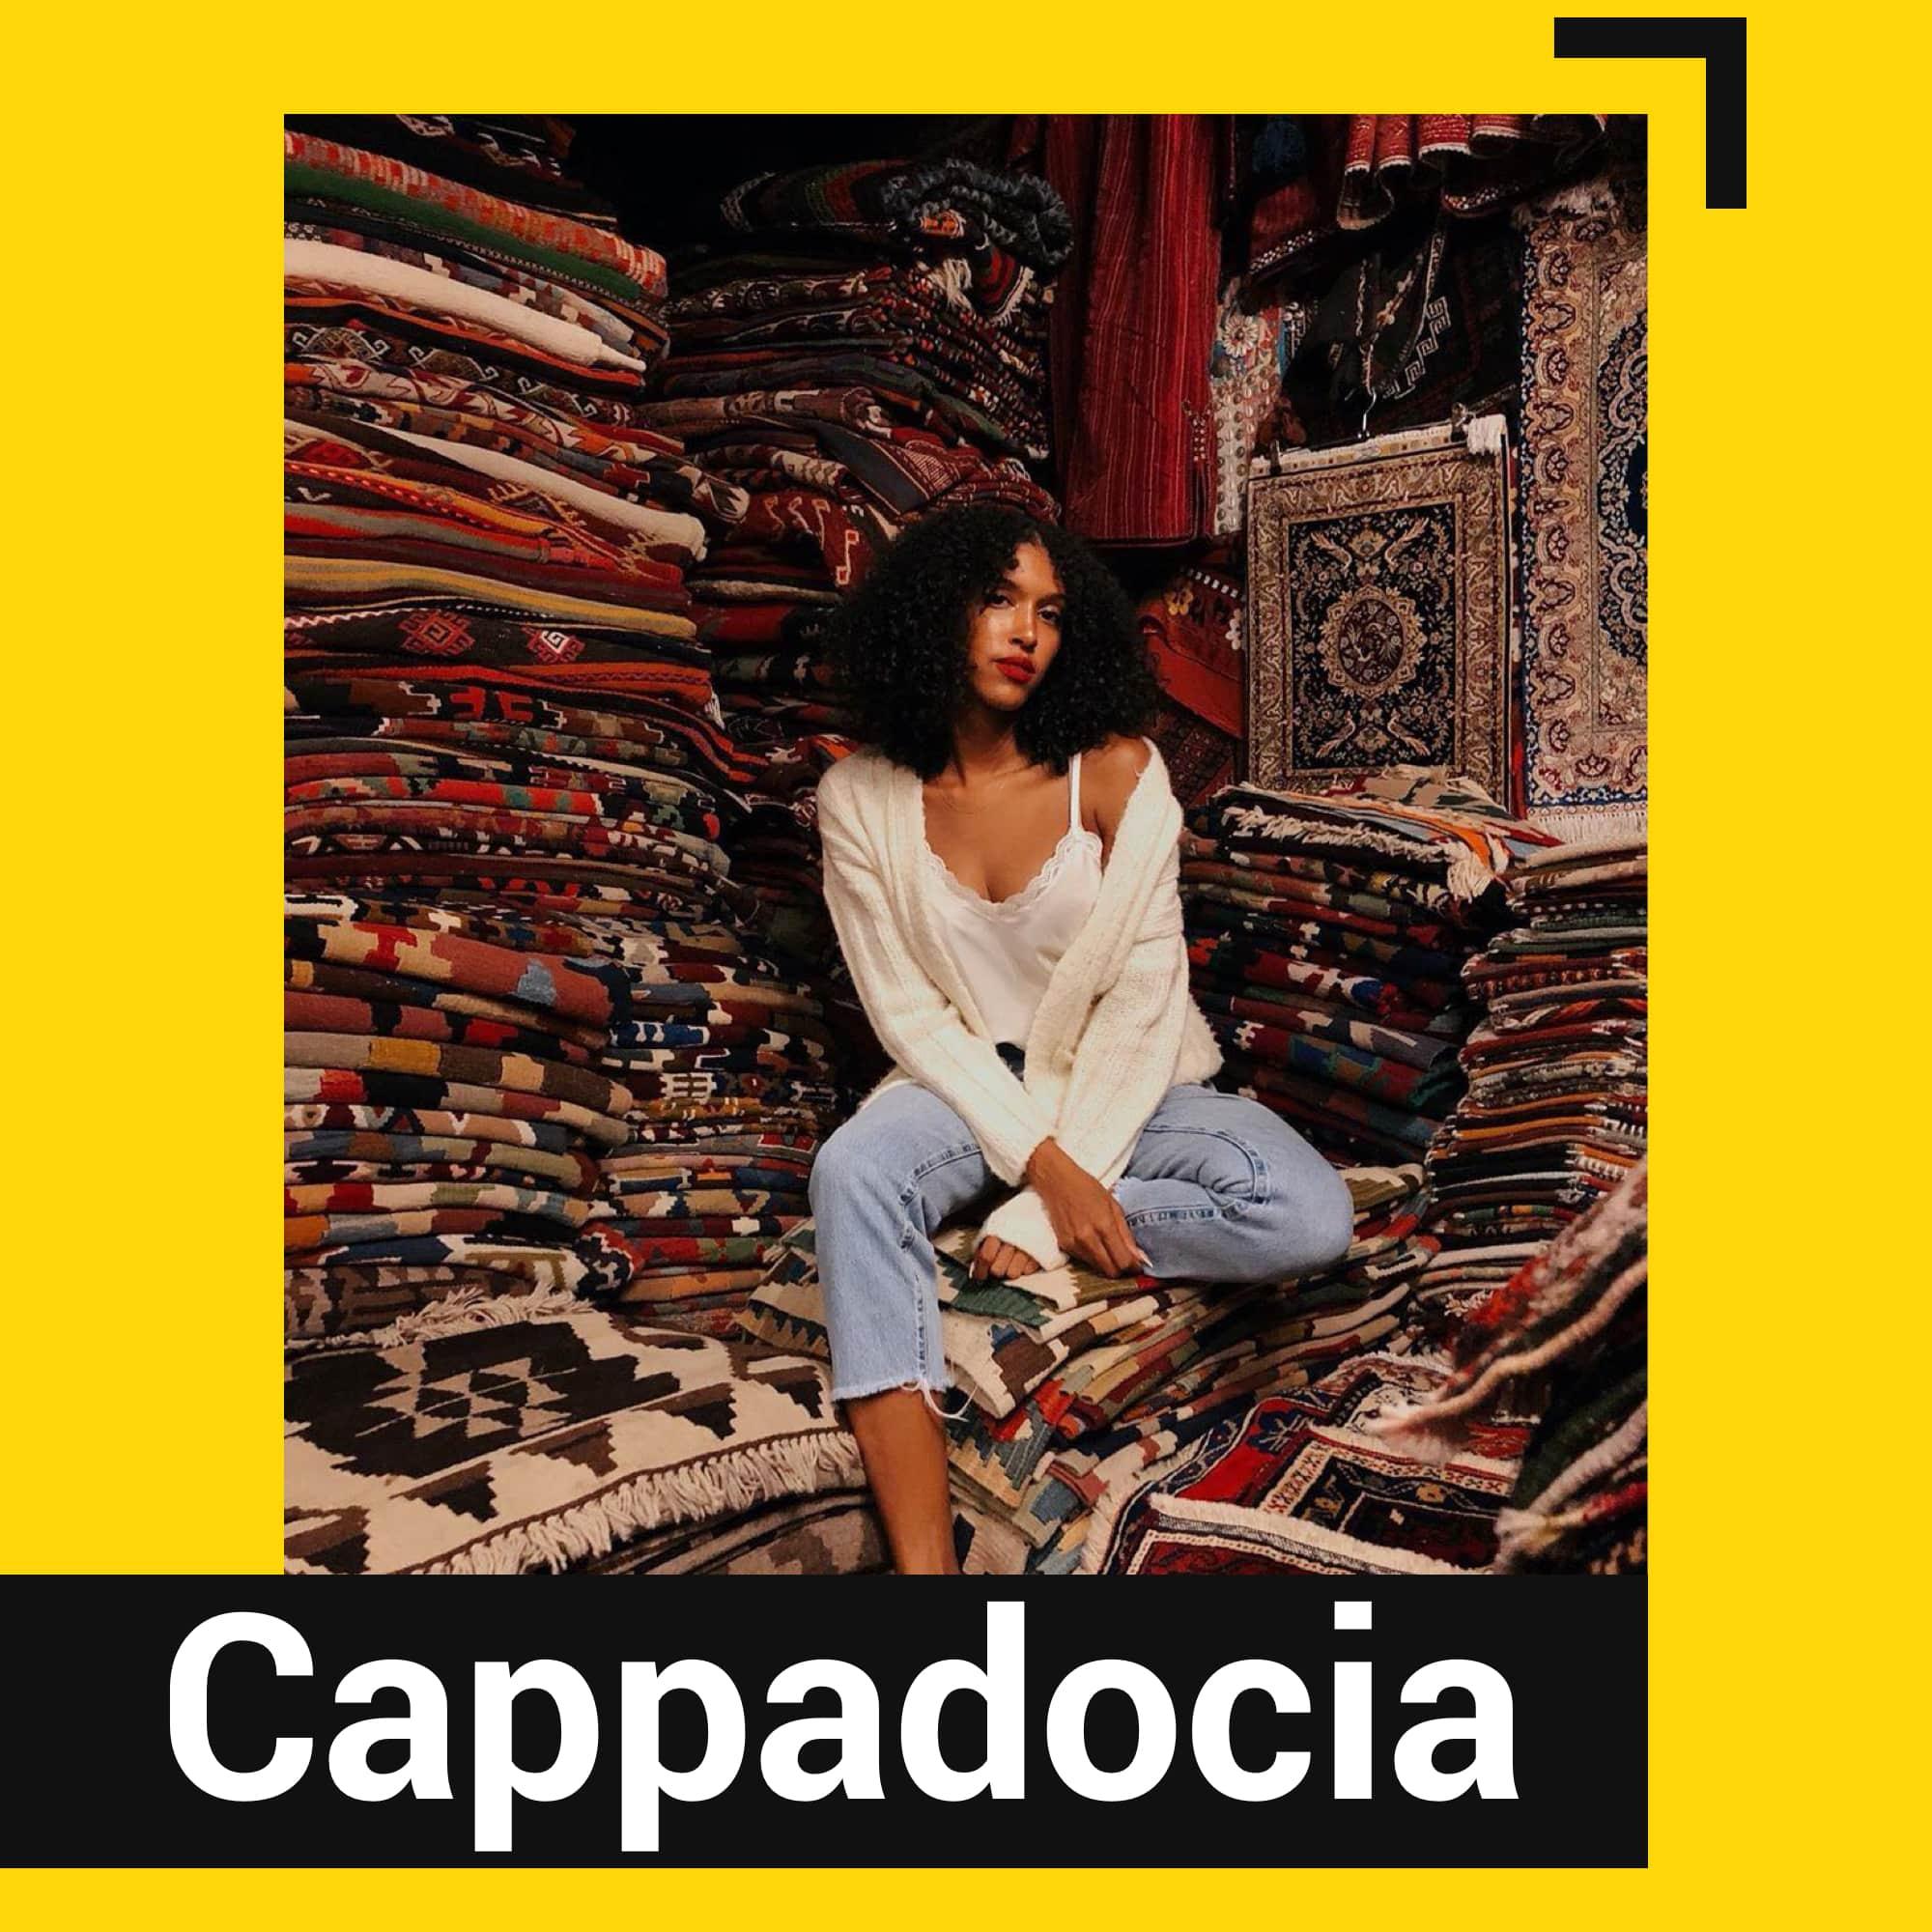 Avanos Carpets in Cappadocia